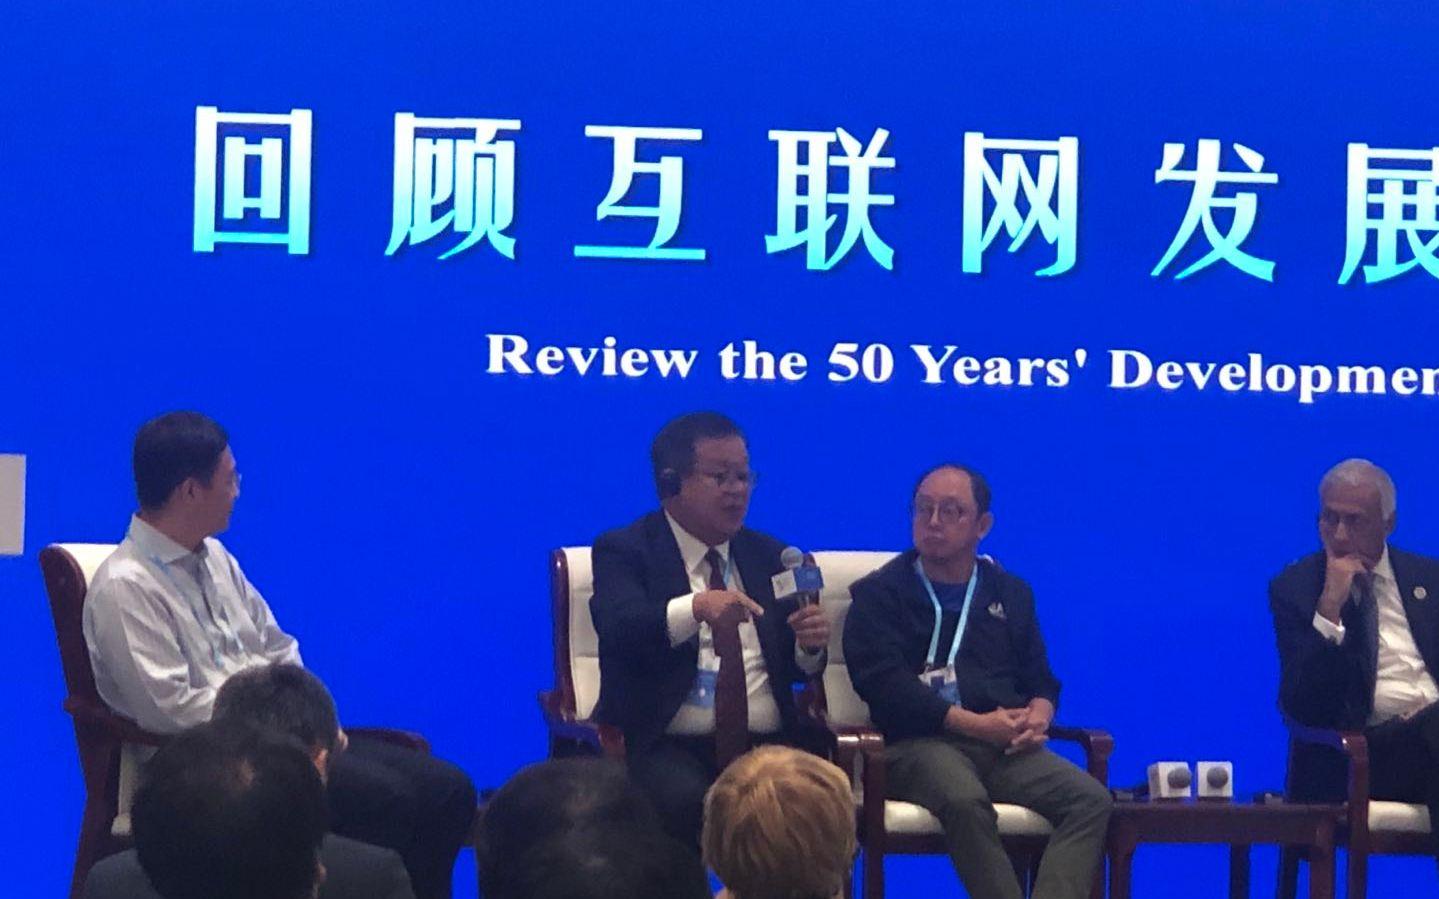 日本互联网之父:互联网发展得益于其跨学科、跨领域发展